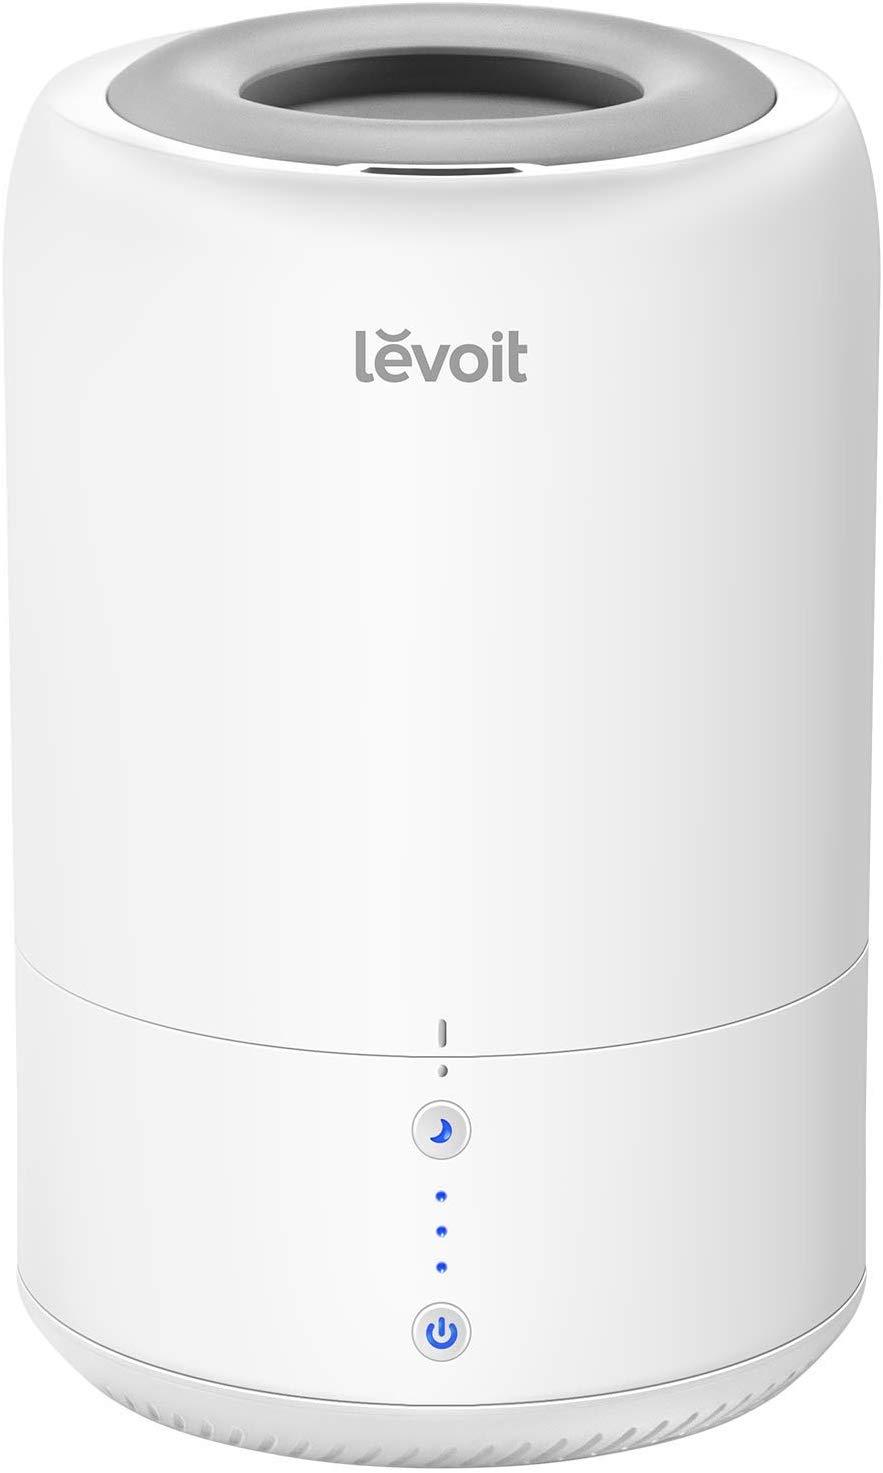 LEVOIT Dual 100